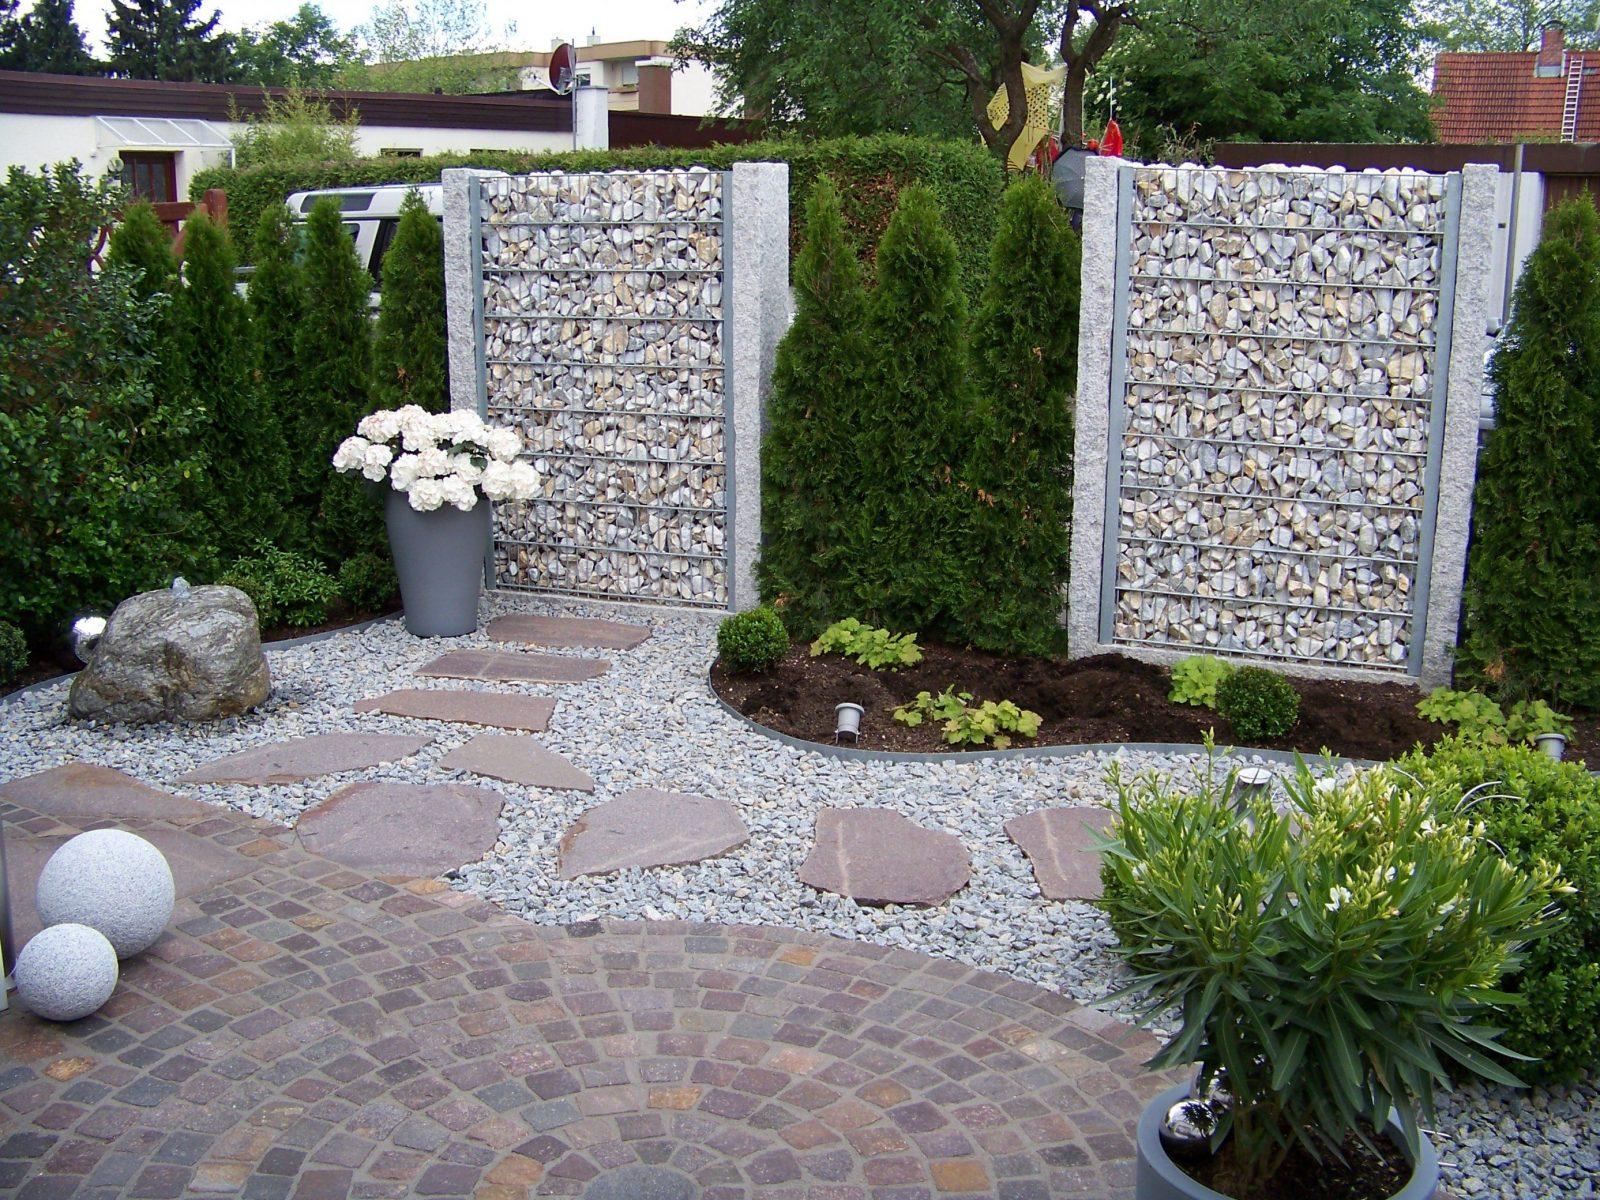 Schöner Sichtschutz Für Den Garten  Greyinkstudios von Schöner Sichtschutz Für Den Garten Bild